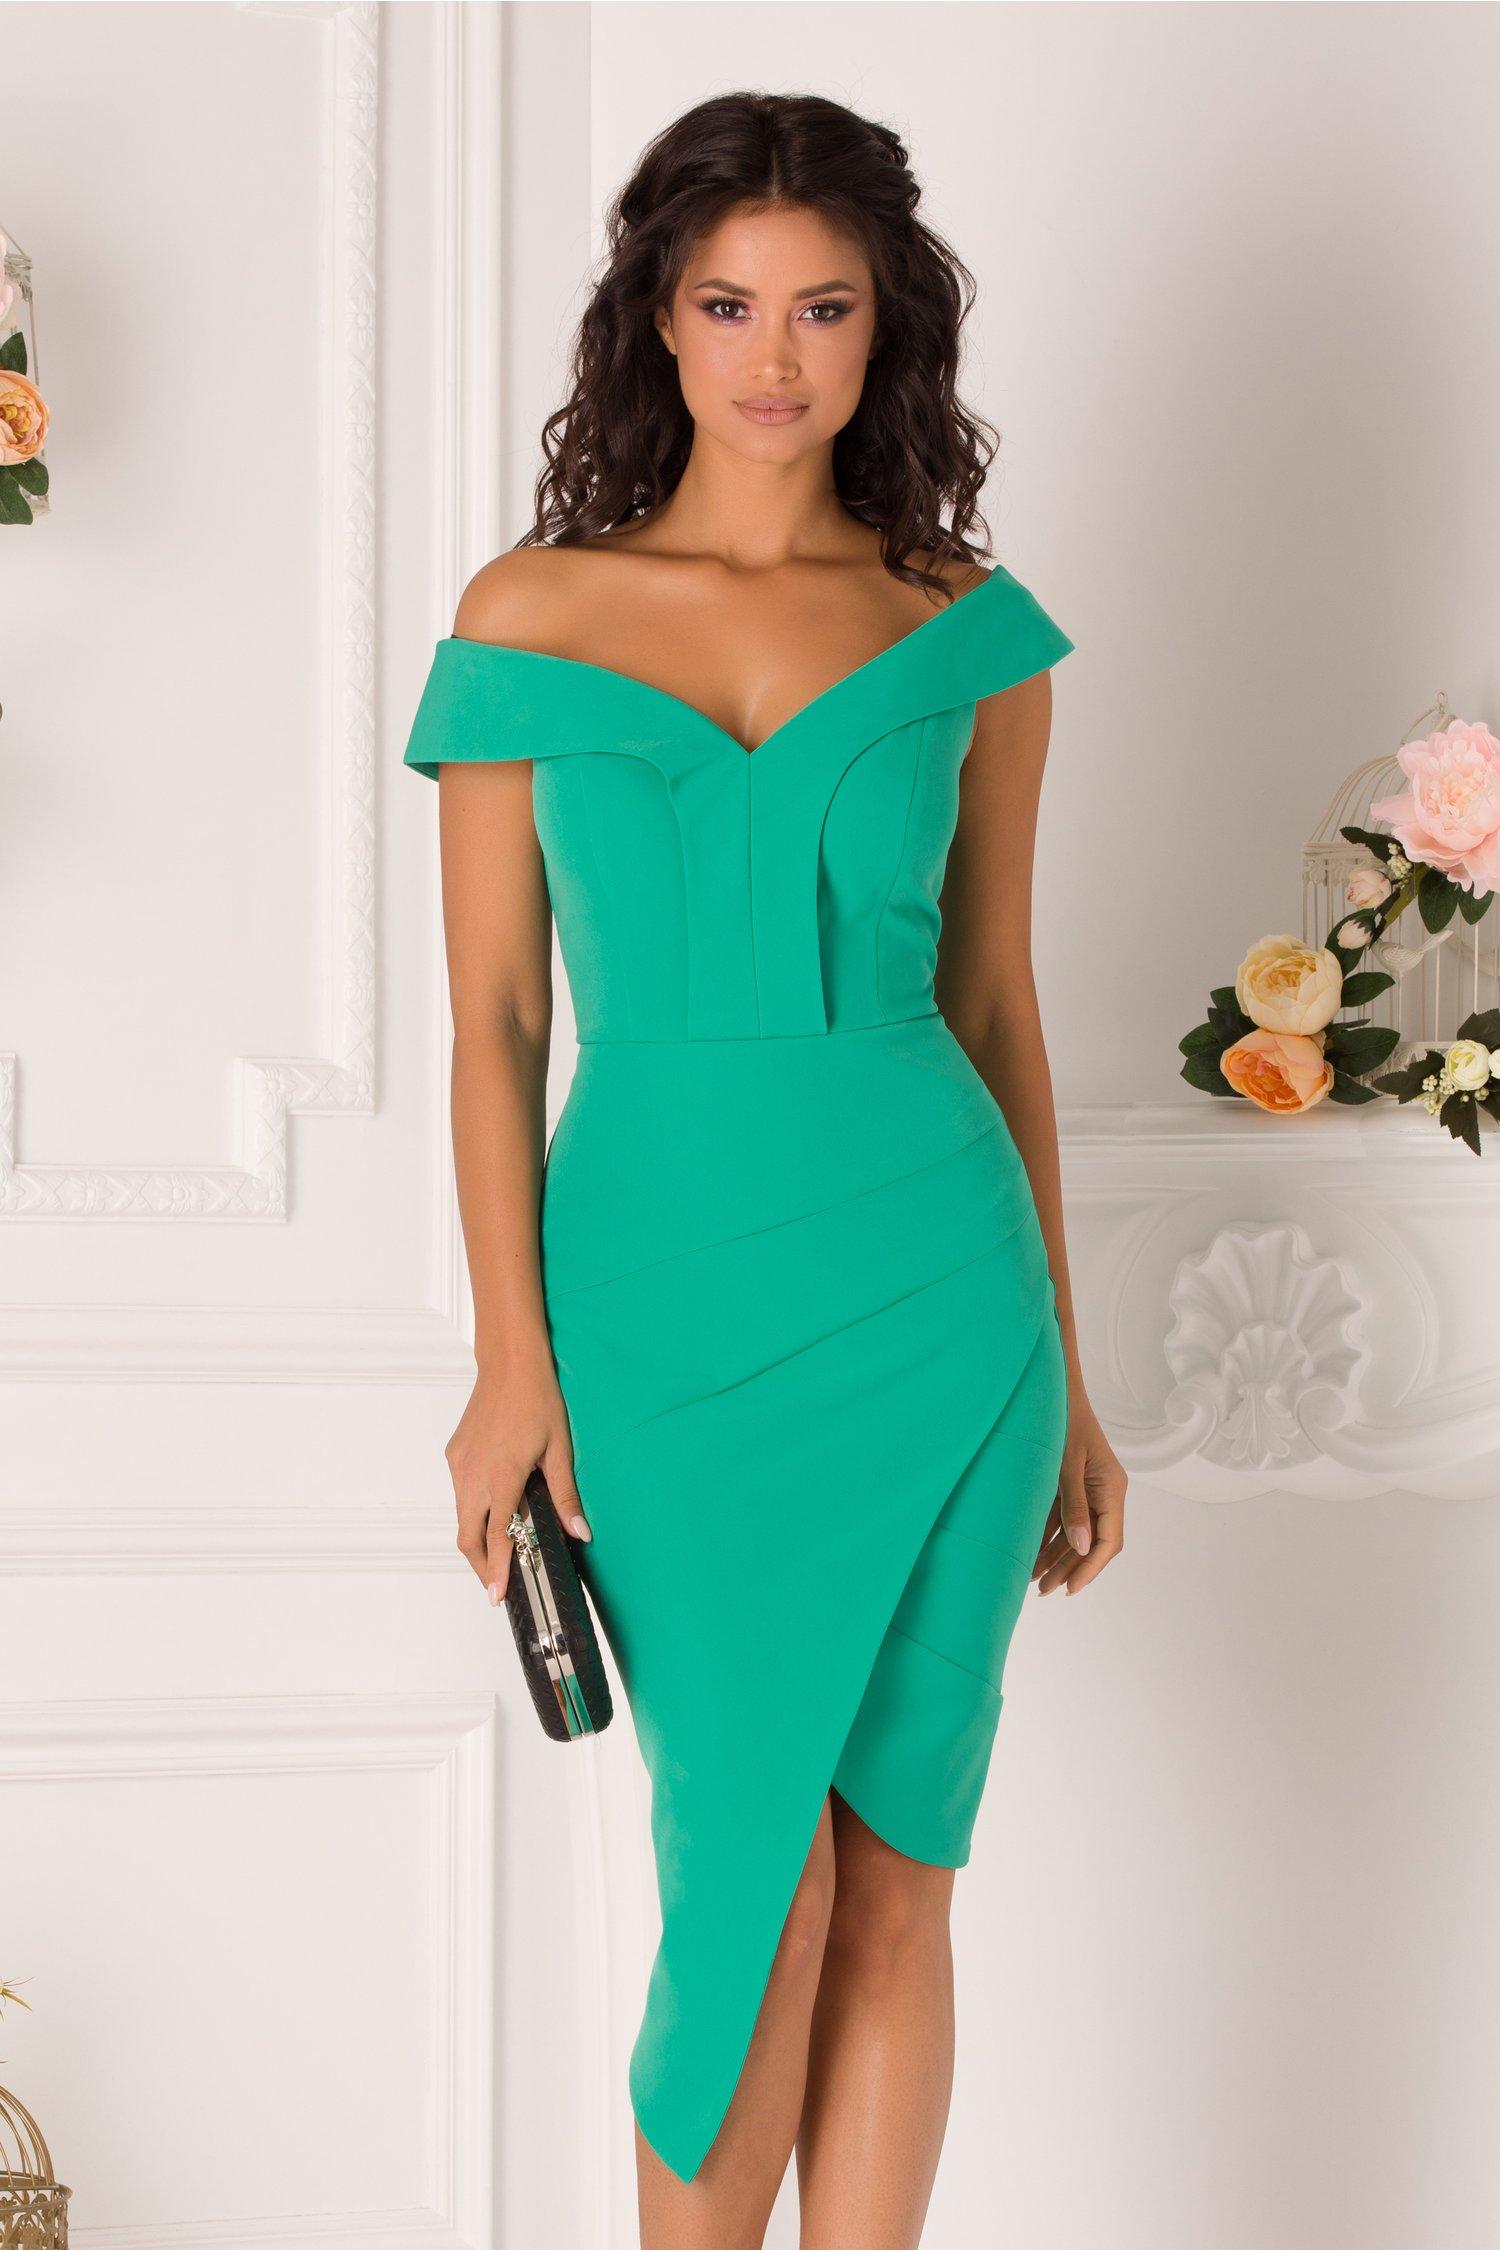 Rochie Sally verde cu design petrecut